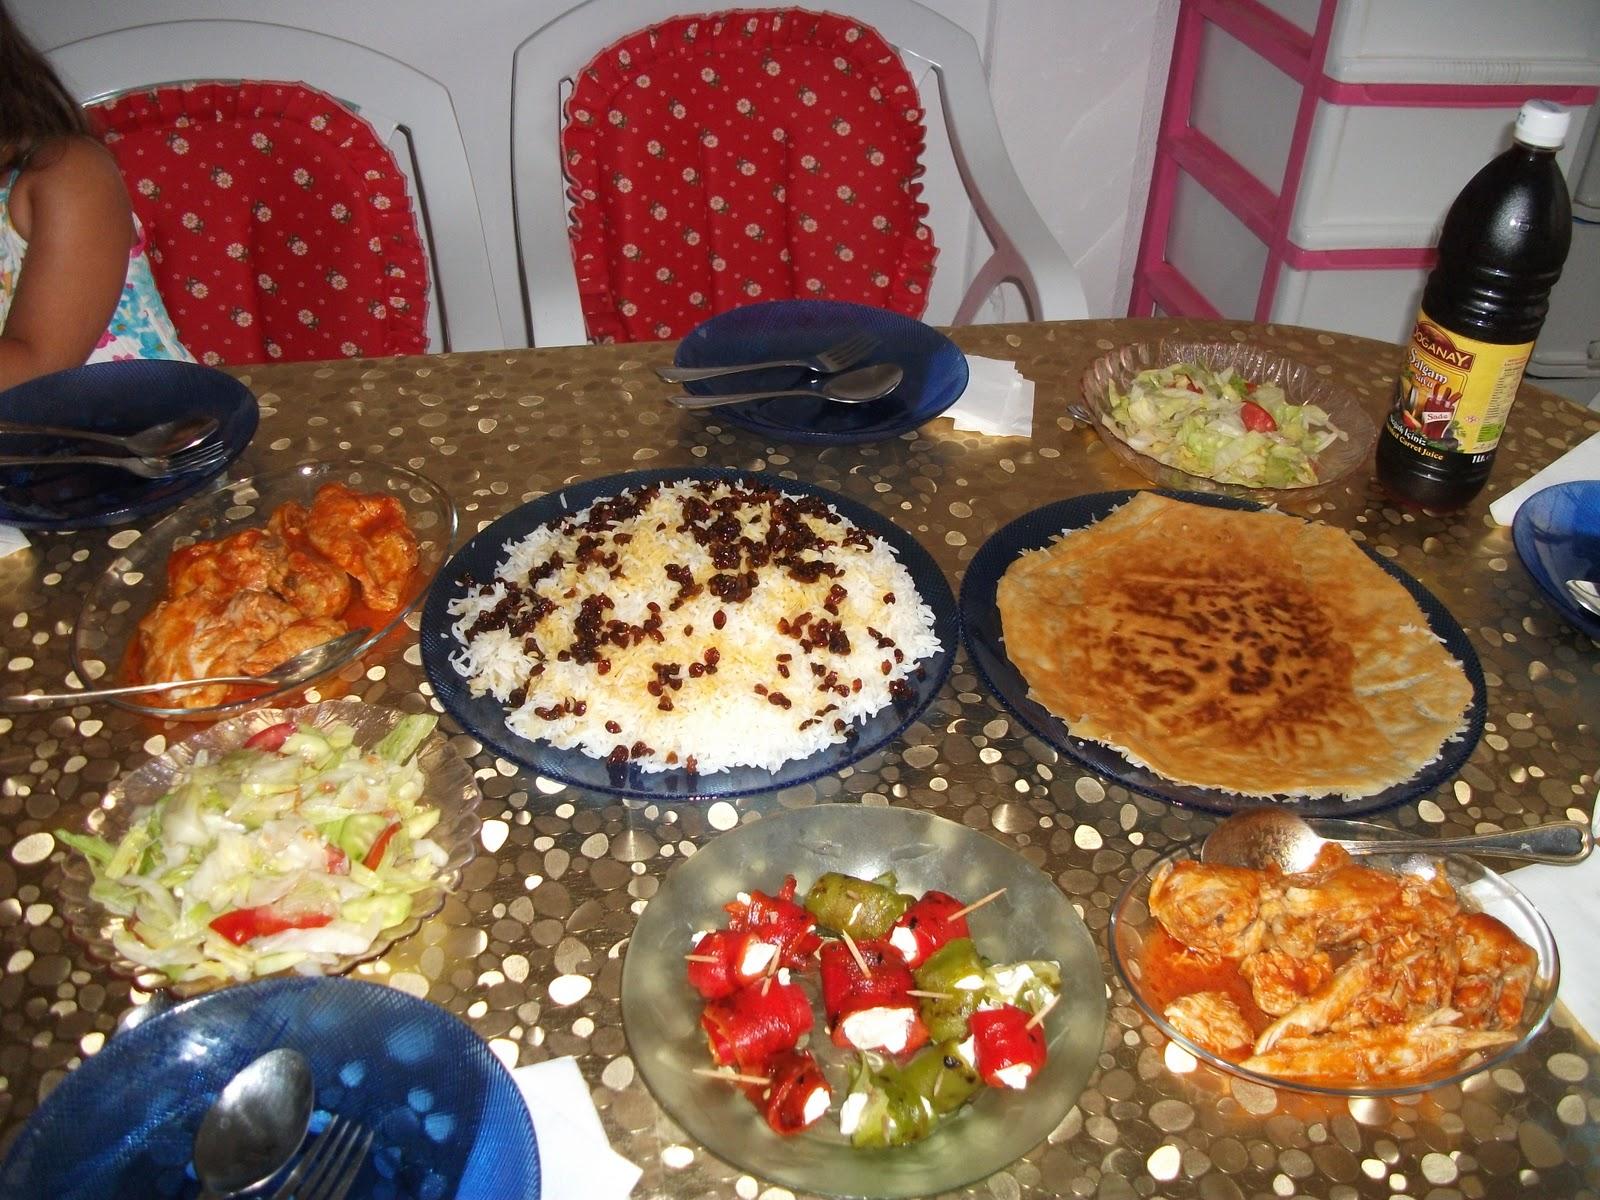 Menemen Yemeğinin Yanına Ne Gider